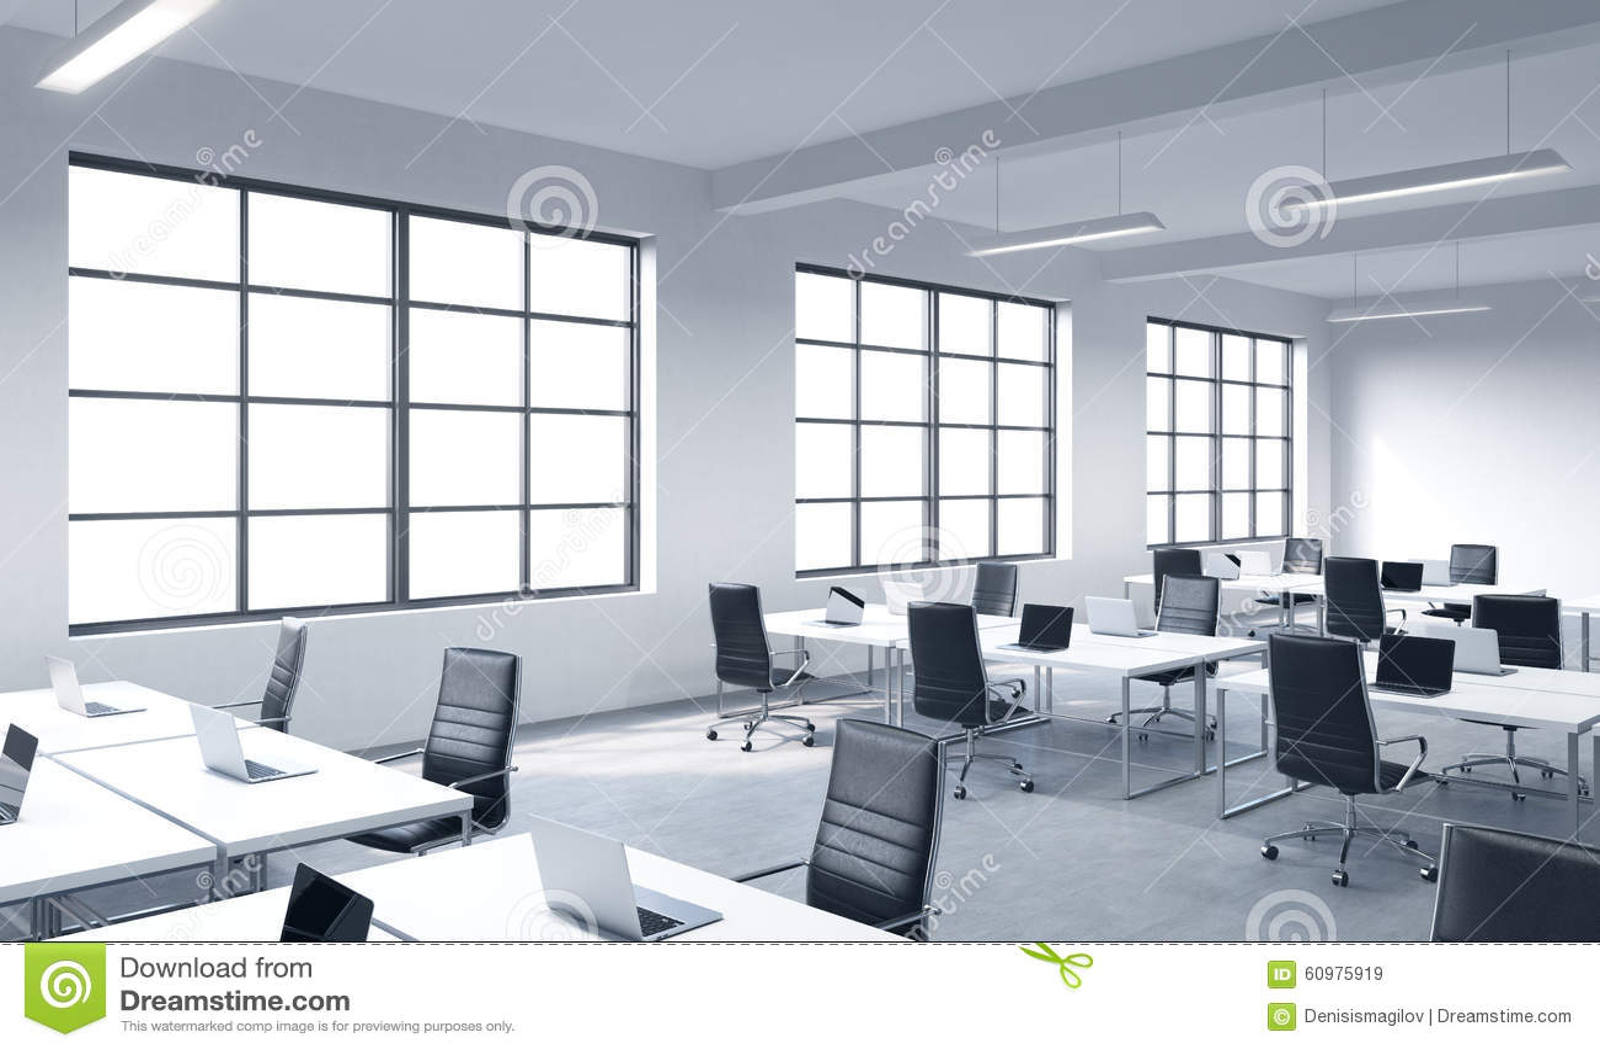 Minimalist Classroom Noise ~ Lugares de trabajo corporativos equipados por los